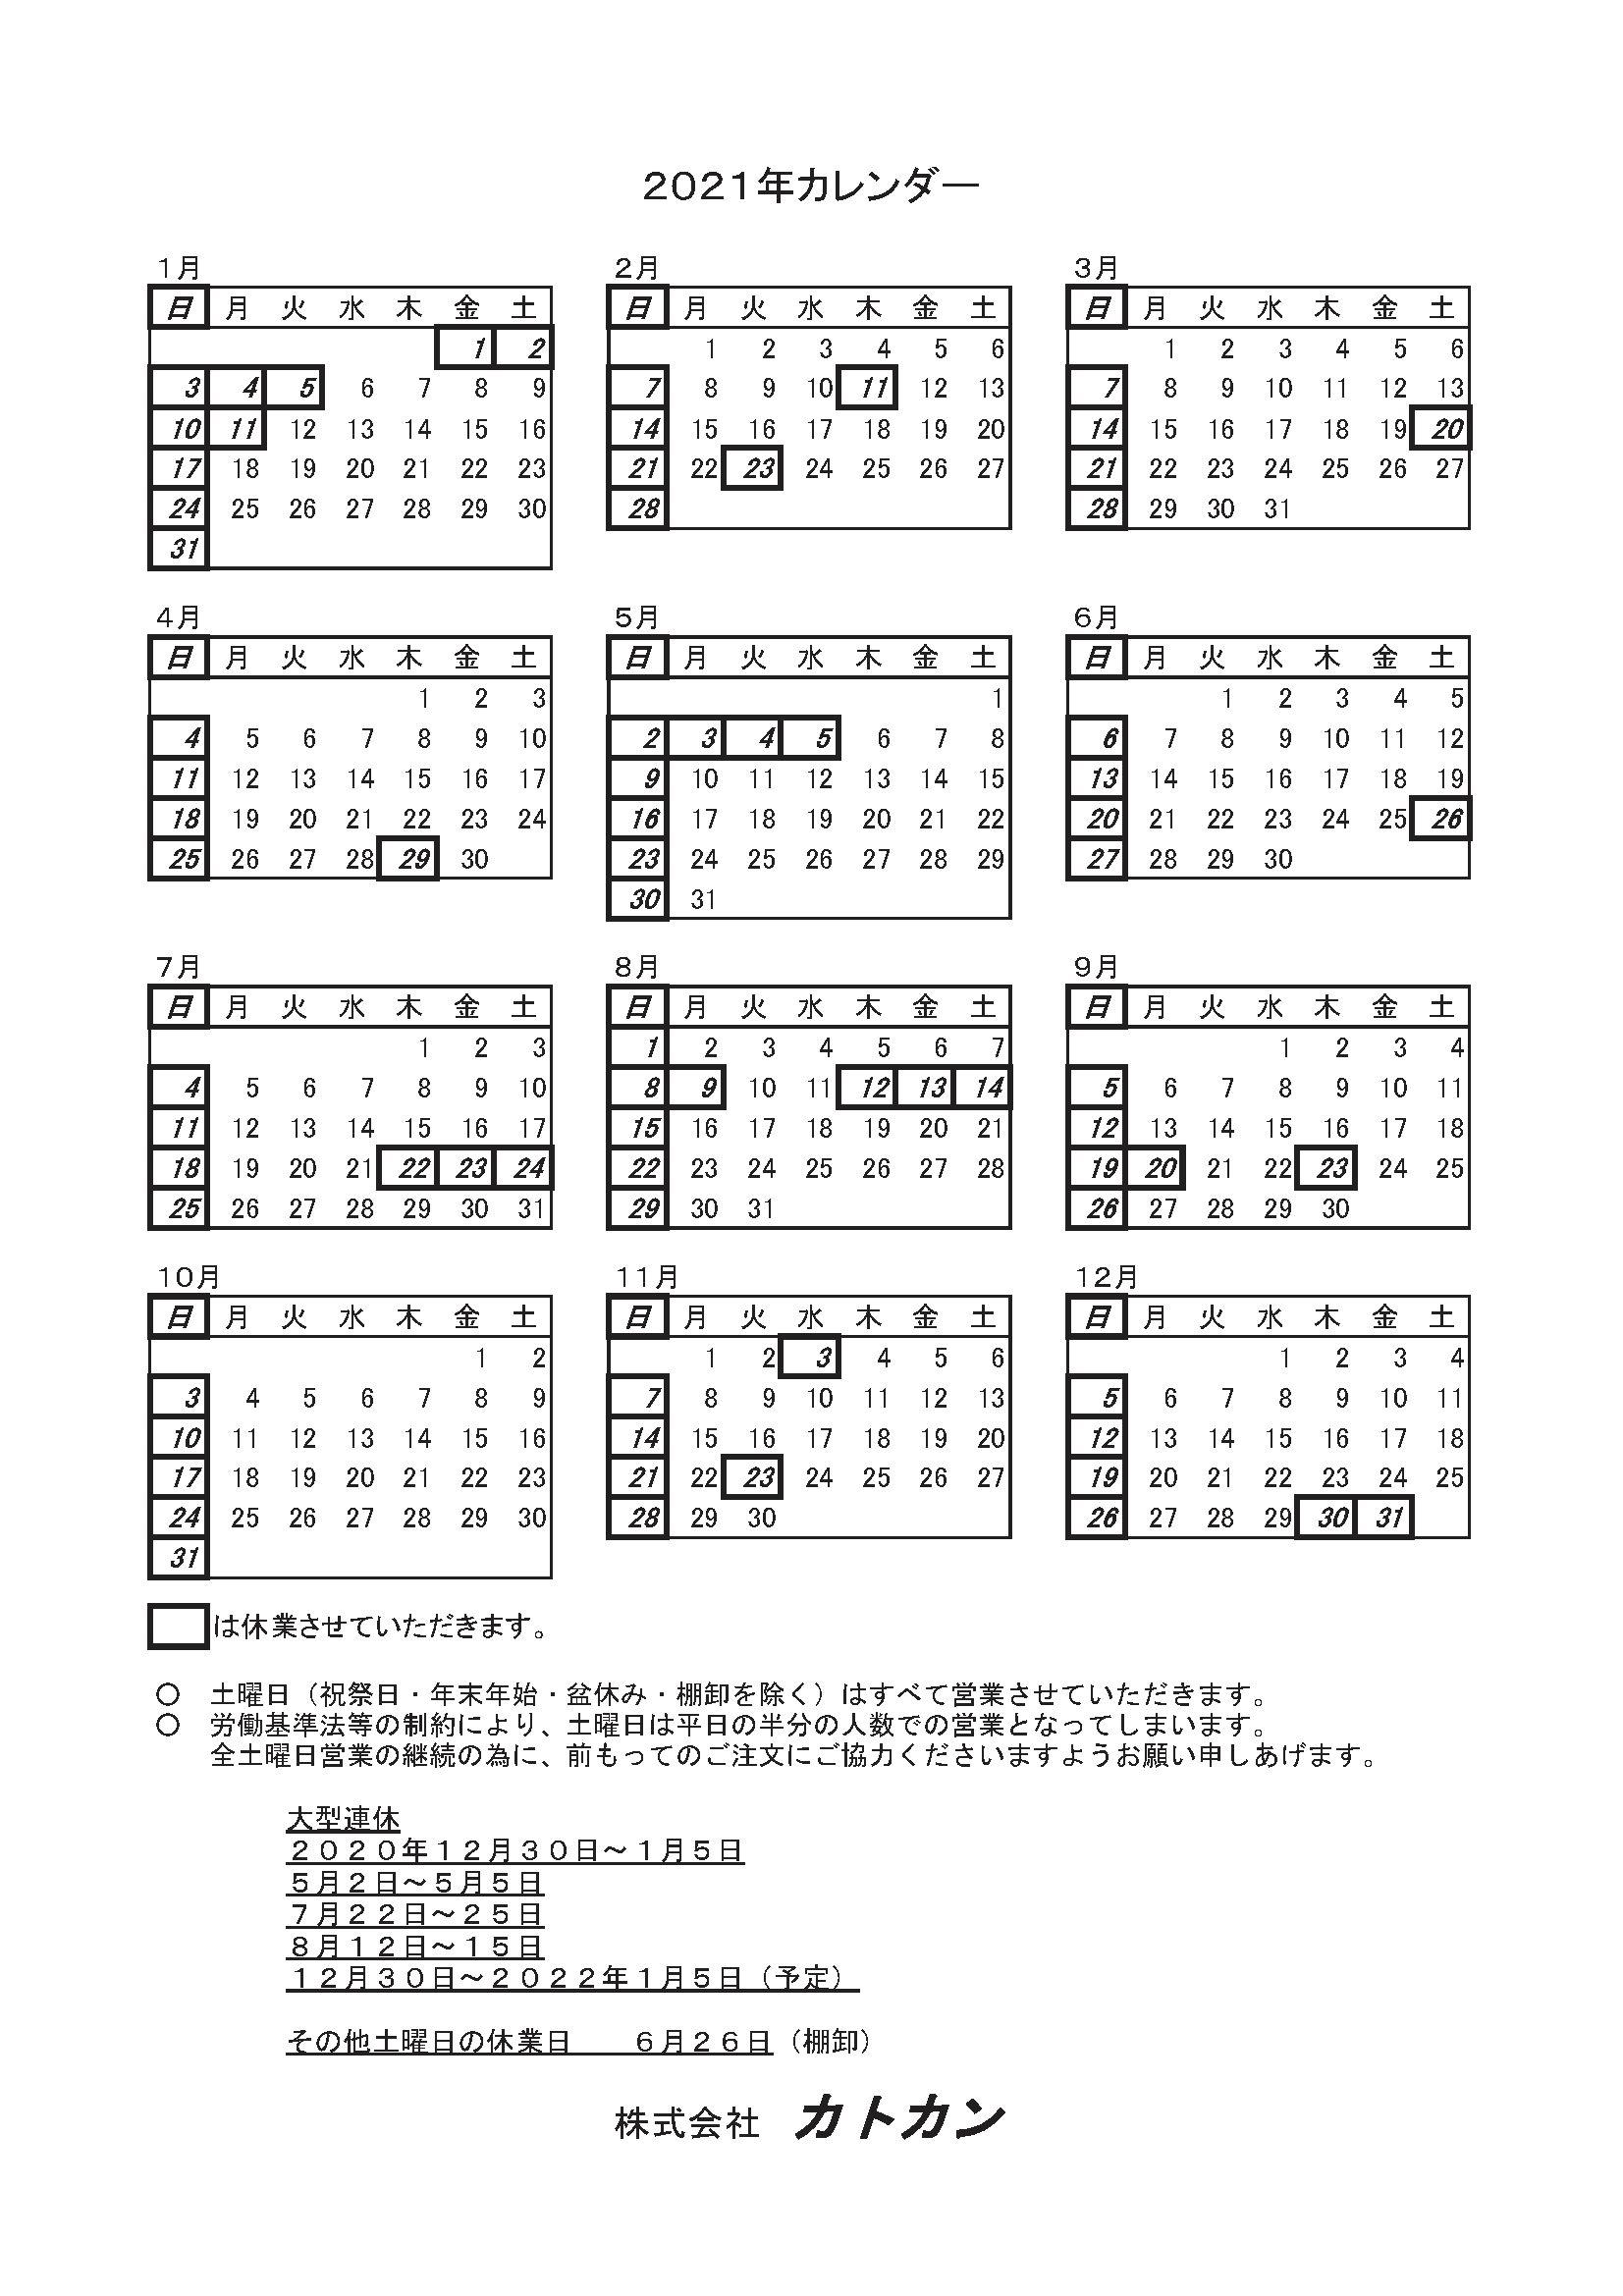 201210 2021年カレンダー